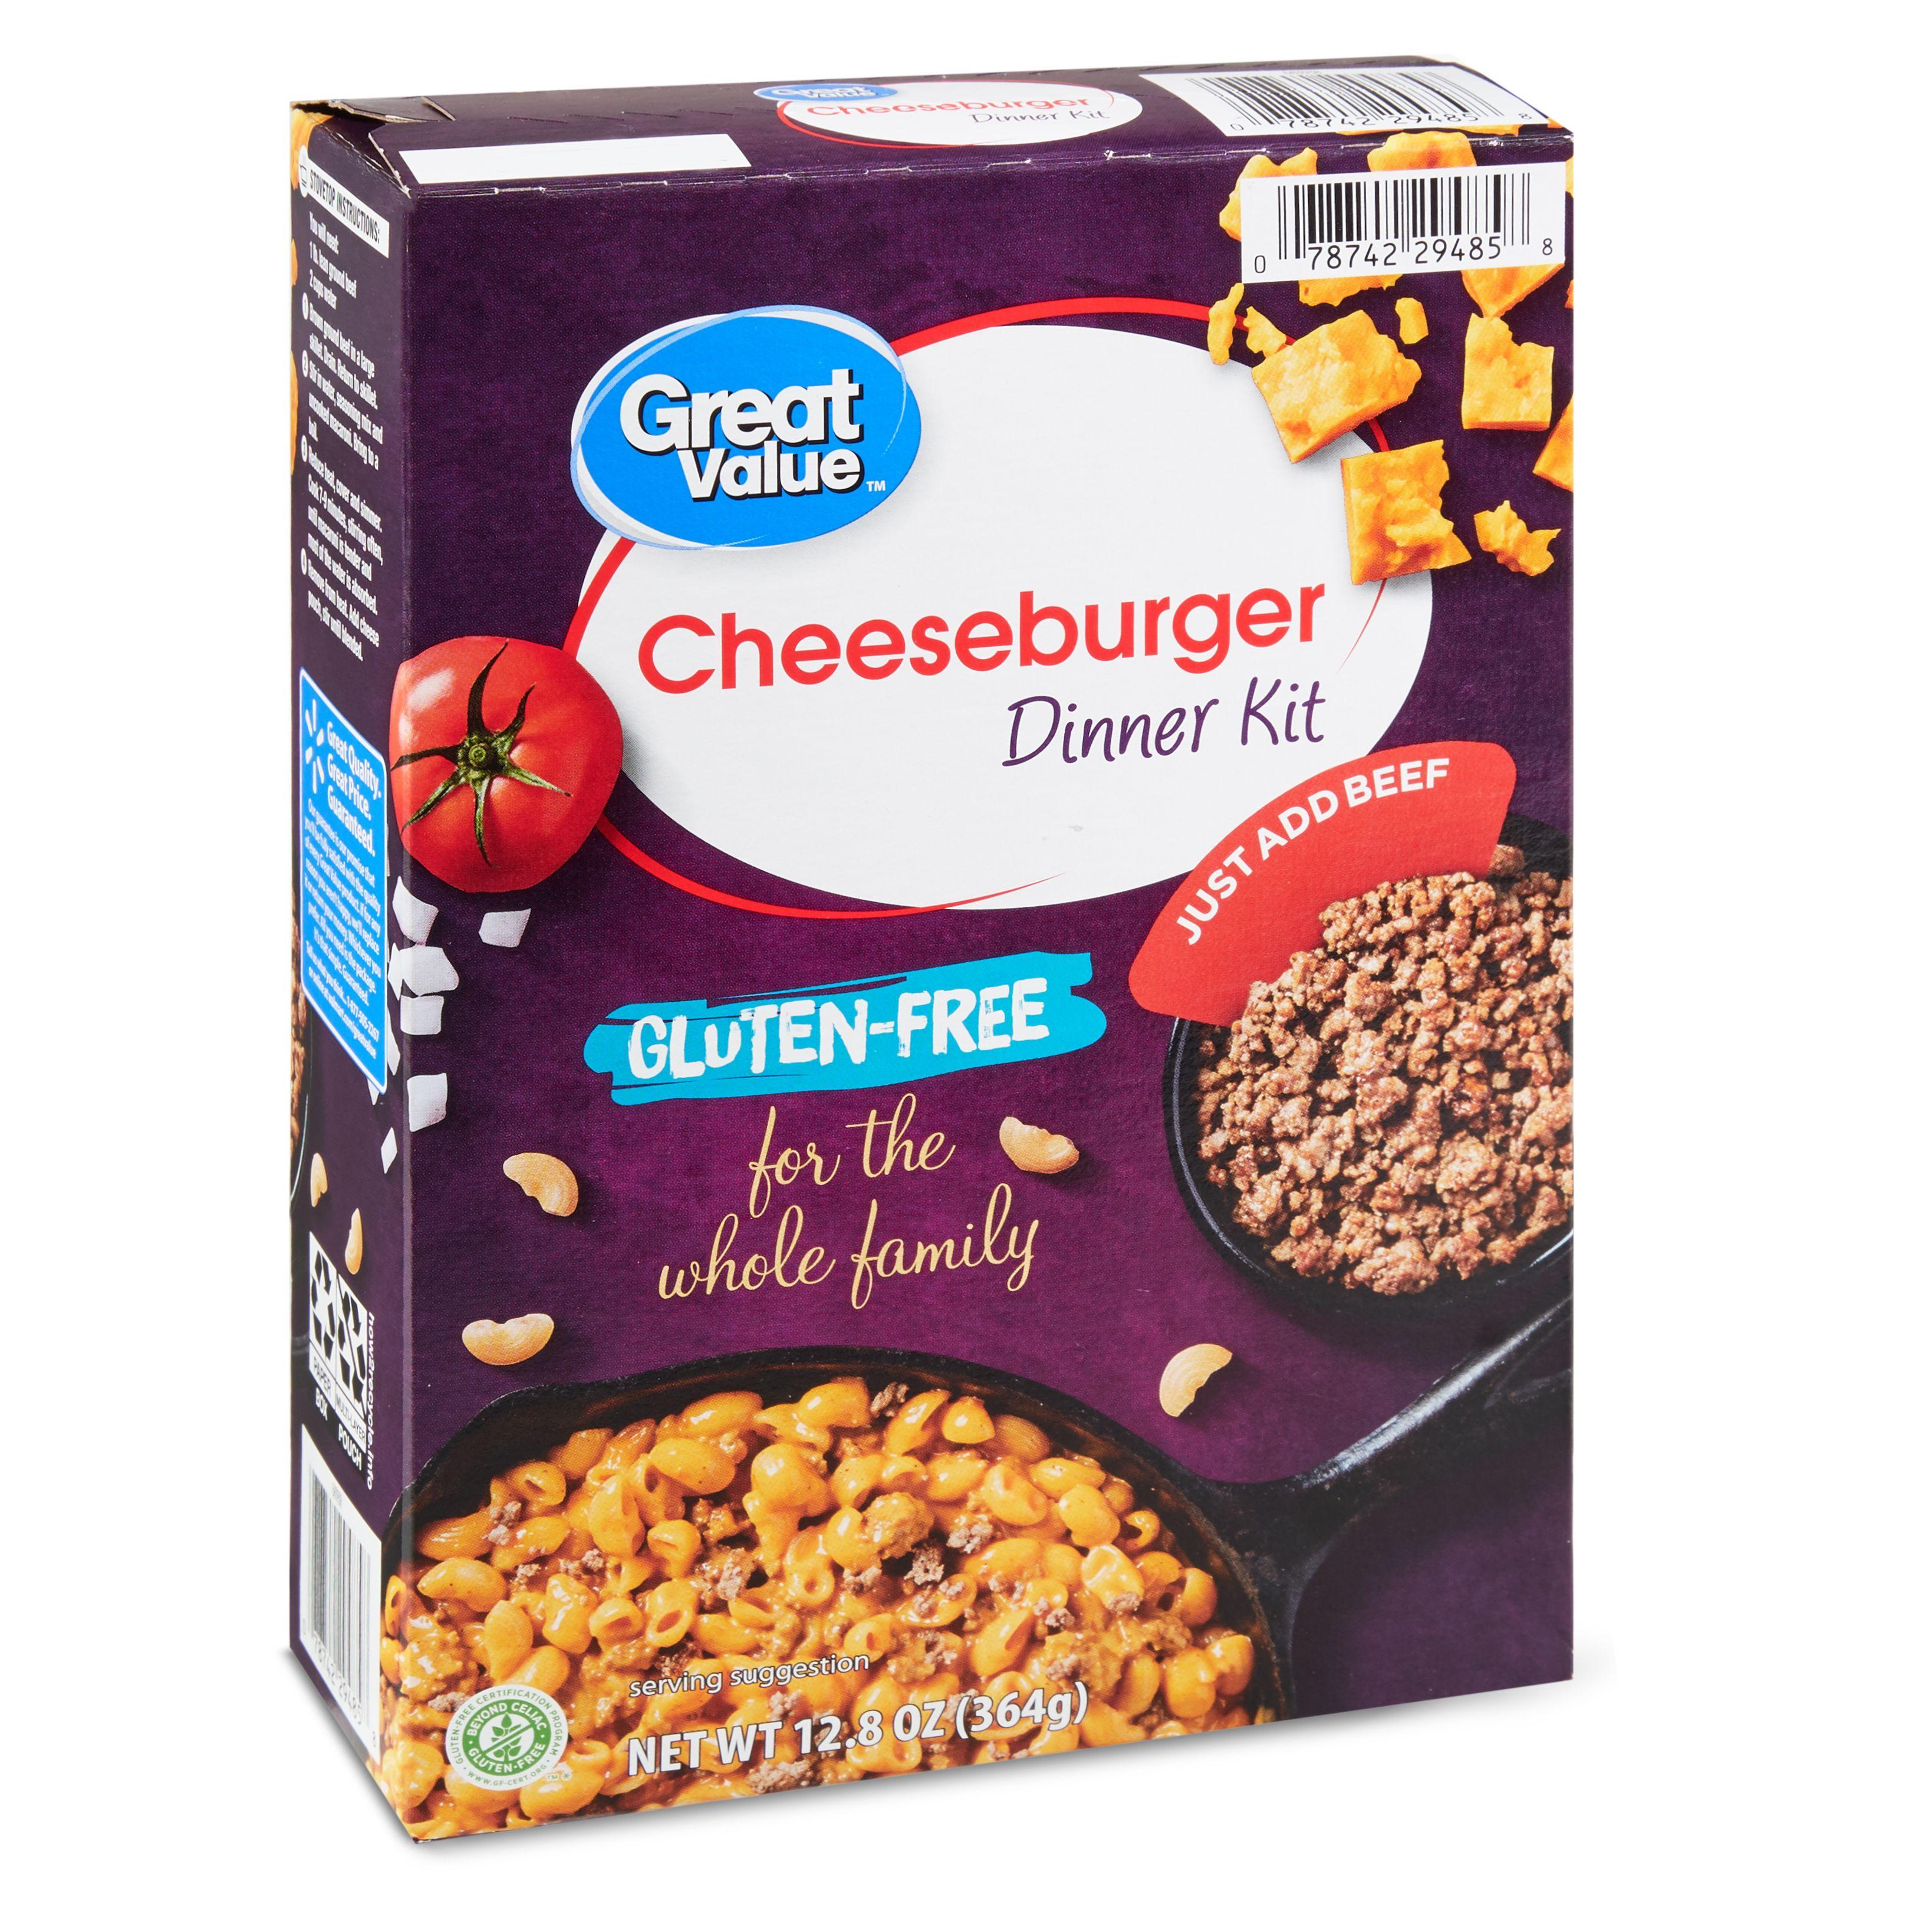 [2.47] Great Value Cheeseburger Dinner Kit not totally